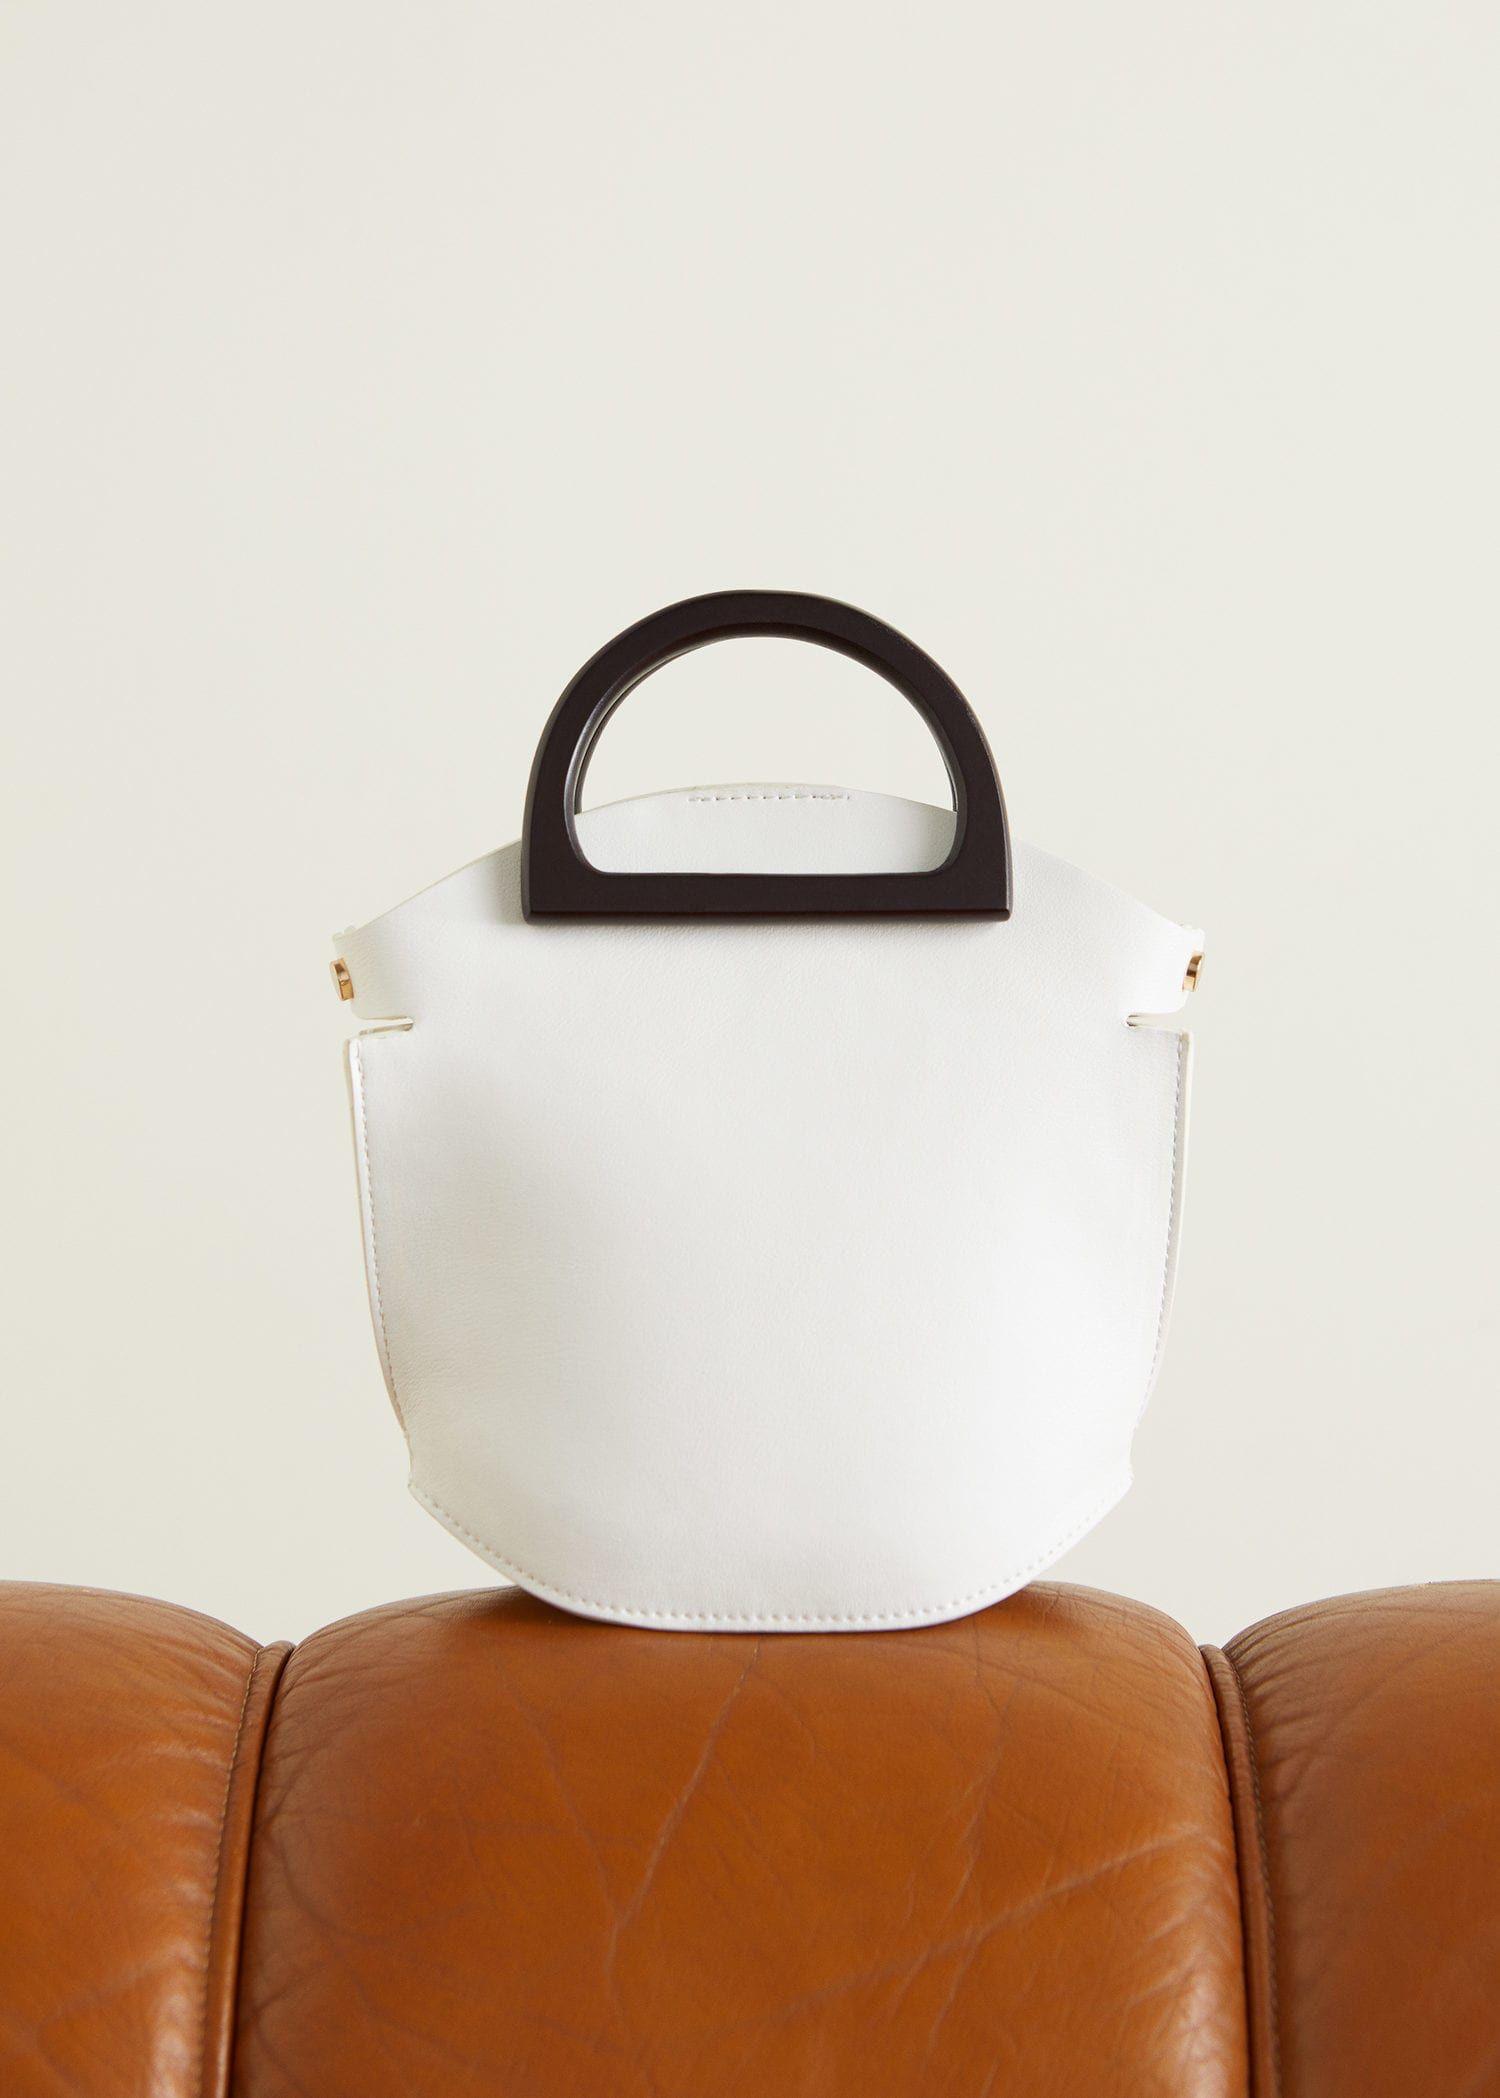 fabd136758d1c Tahta saplı mini çanta - Kadın | White | Bags, Mini Bag, Wooden handles